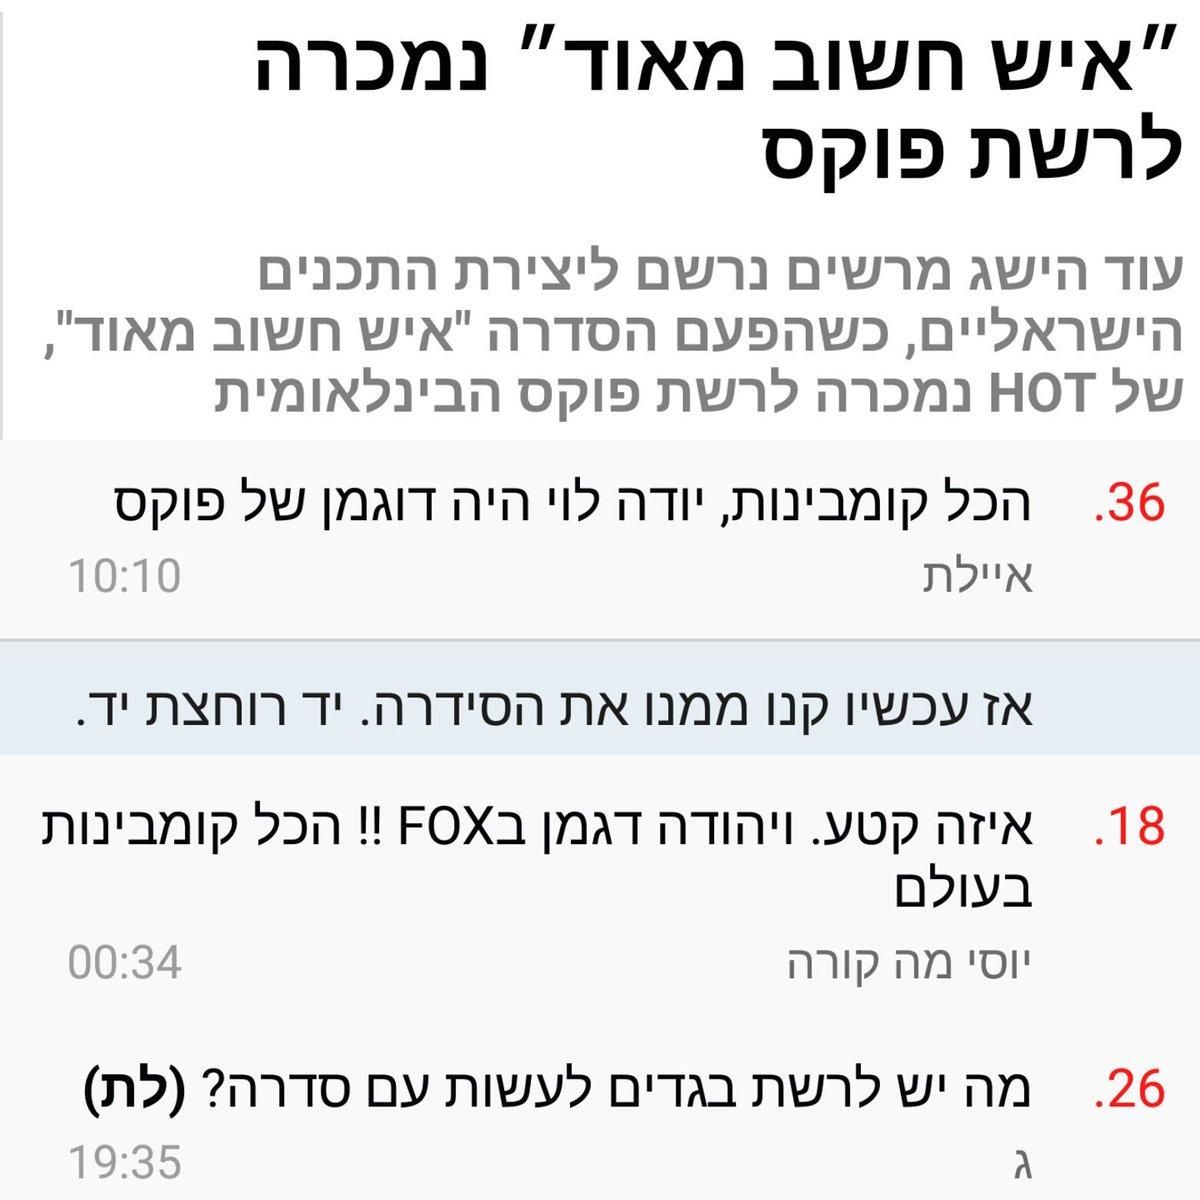 כשאומרים 'כל ישראל אחים' מתכוונים להורים, נכון? https://t.co/hDI9jqXxbV